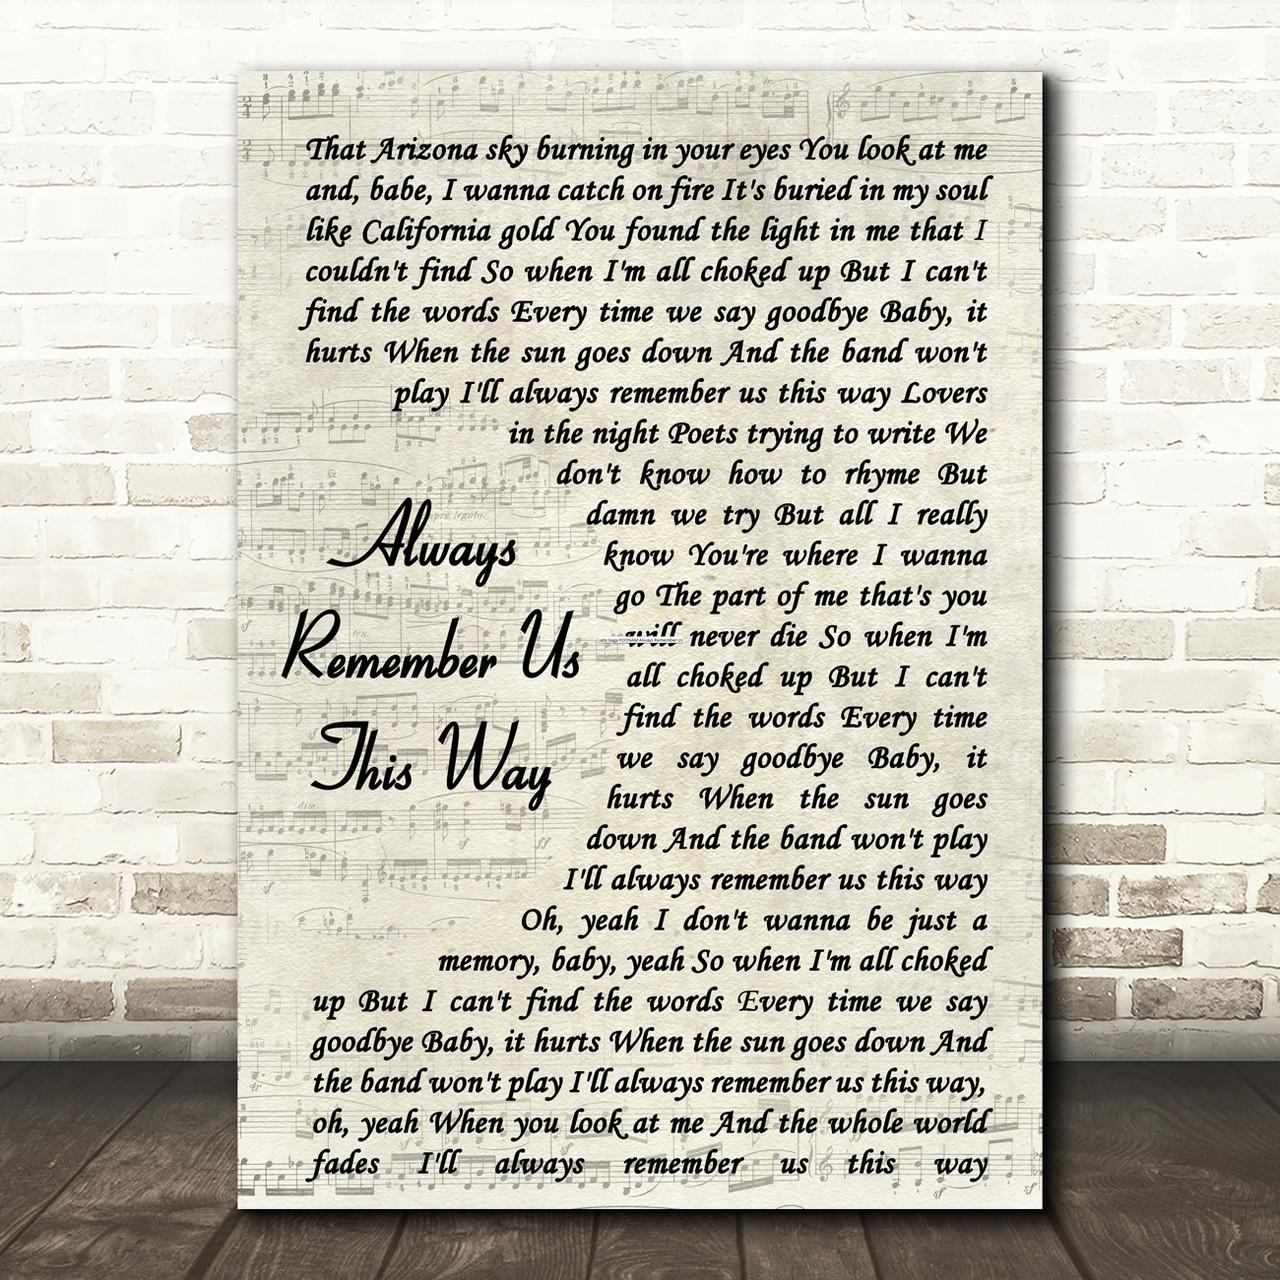 Remember us this way lyrics